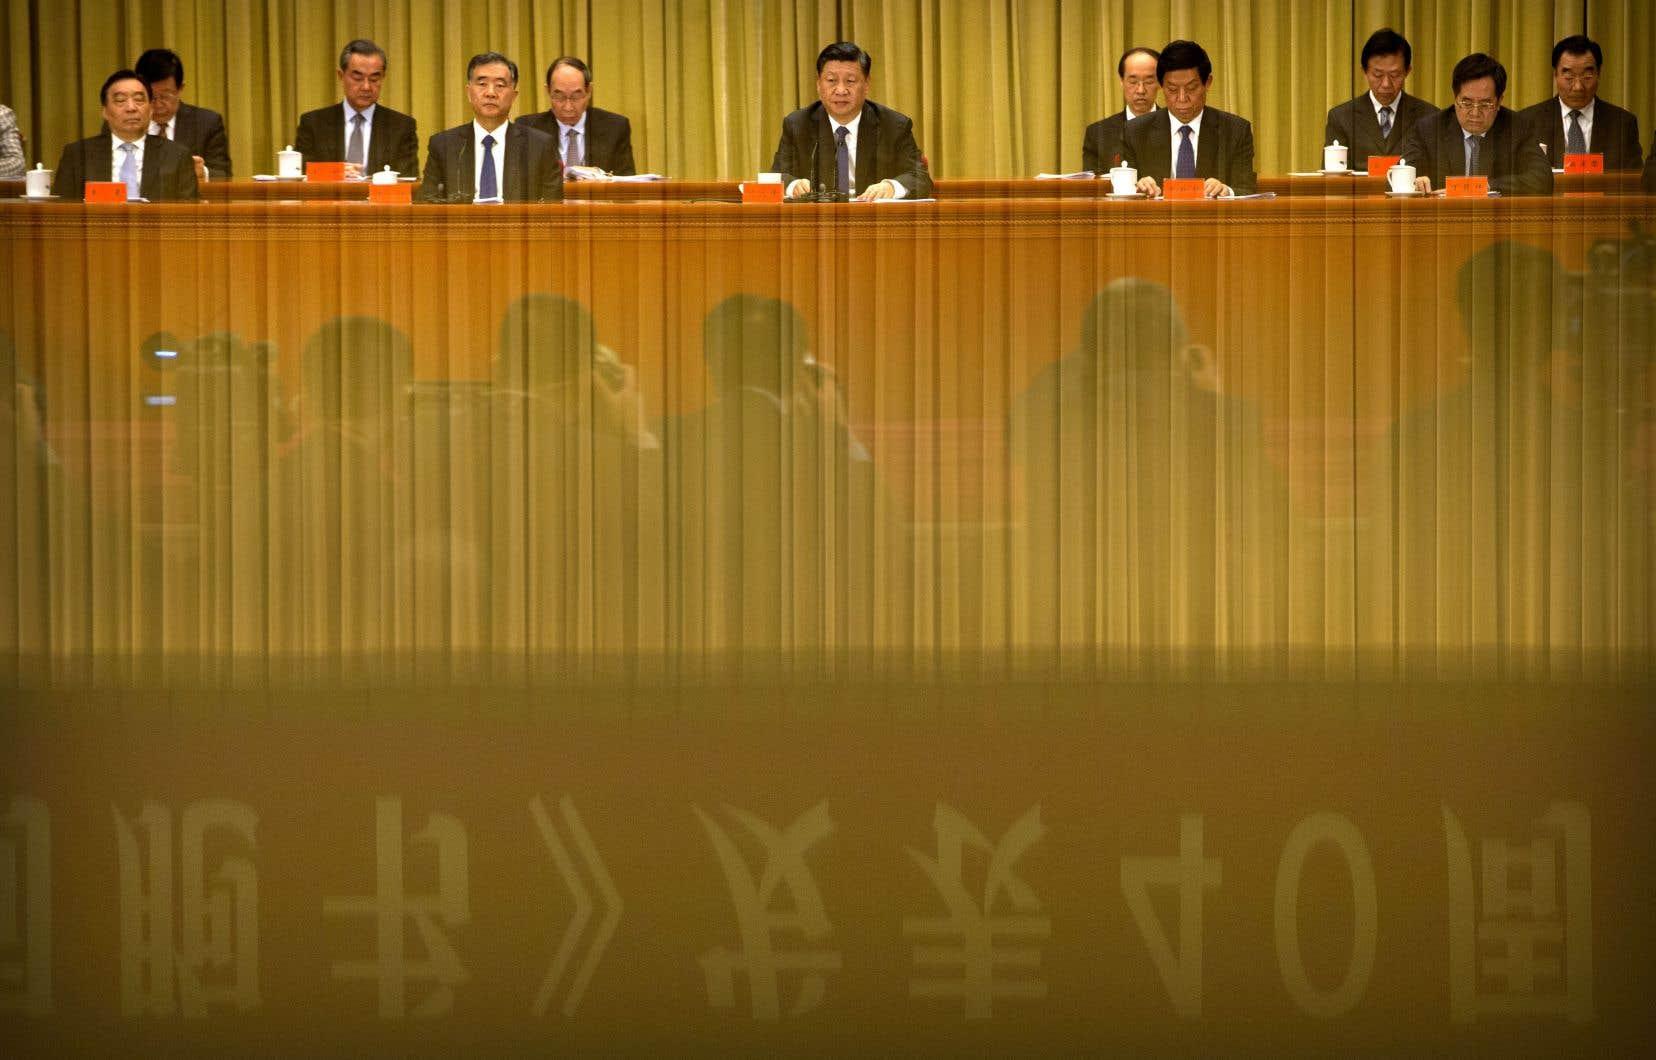 L'unification de Taïwan avec le continent est «inévitable», a déclaré le président Xi Jinping, mettant en garde contre toute tentative de promotion de l'indépendance de l'île et affirmant que la Chine ne renoncerait pas à l'option de la force militaire.